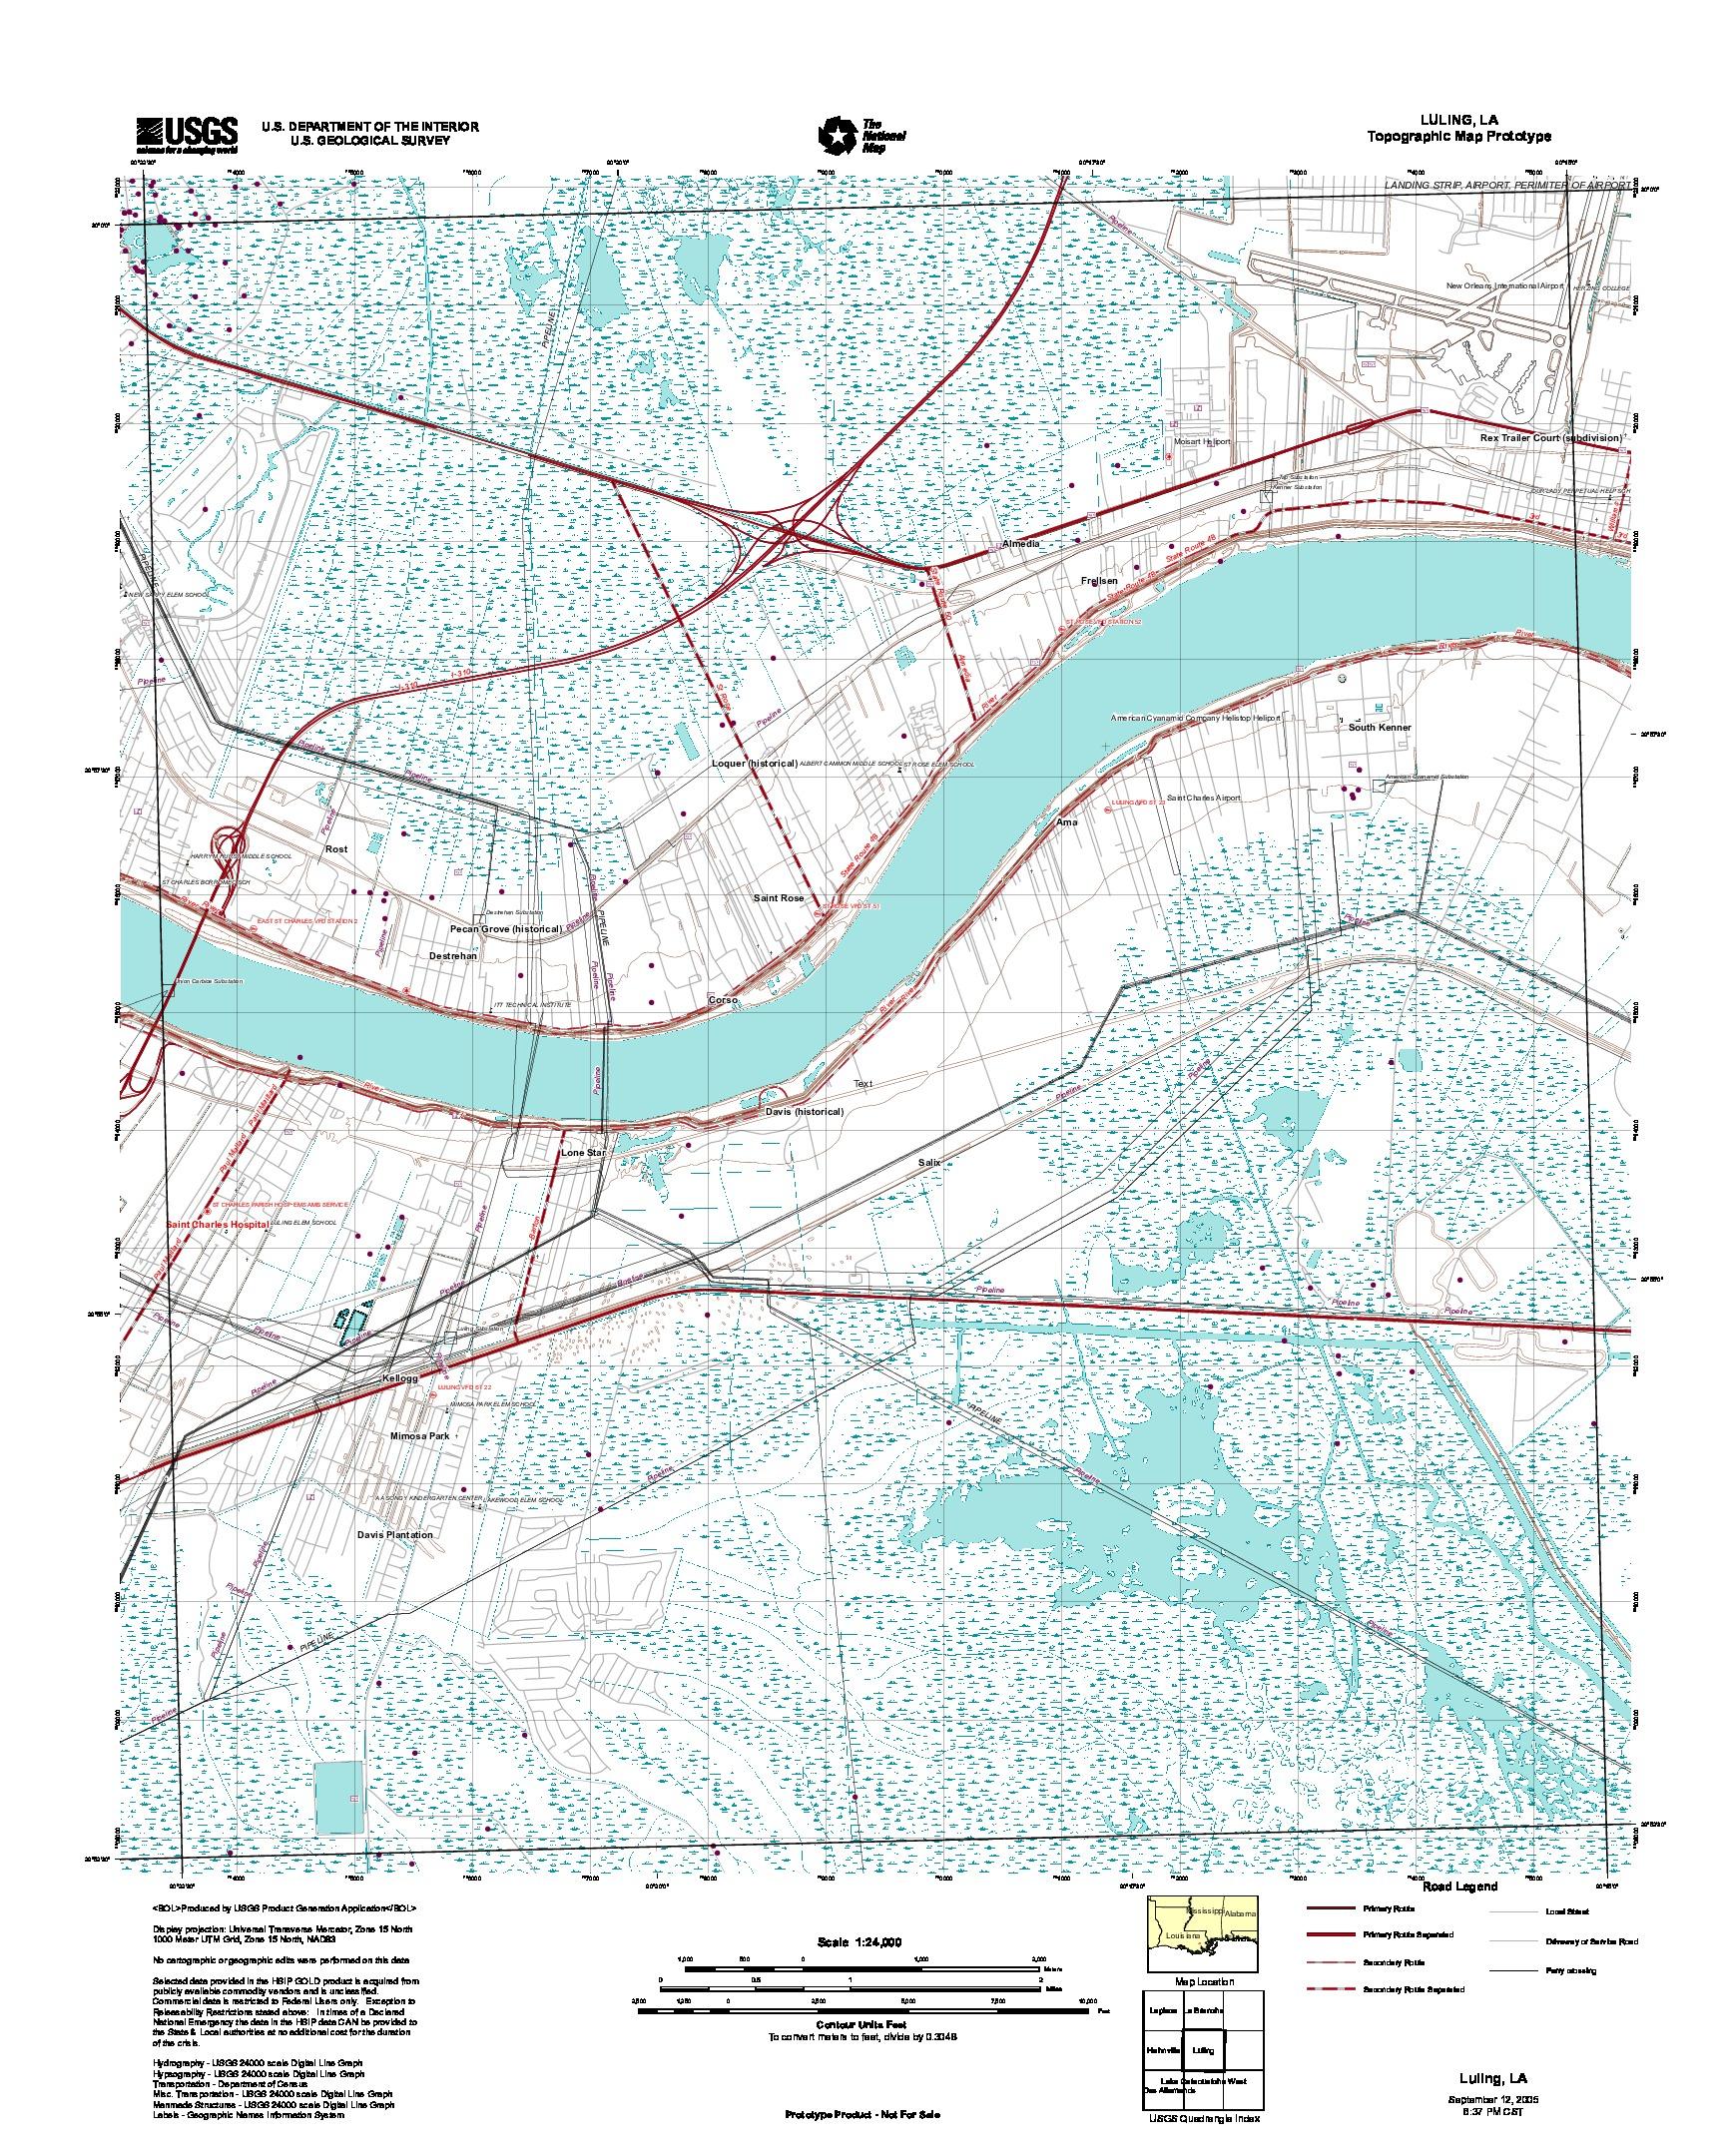 Prototipo de Mapa Topográfico de Luling, Luisiana, Estados Unidos, Septiembre 12, 2005